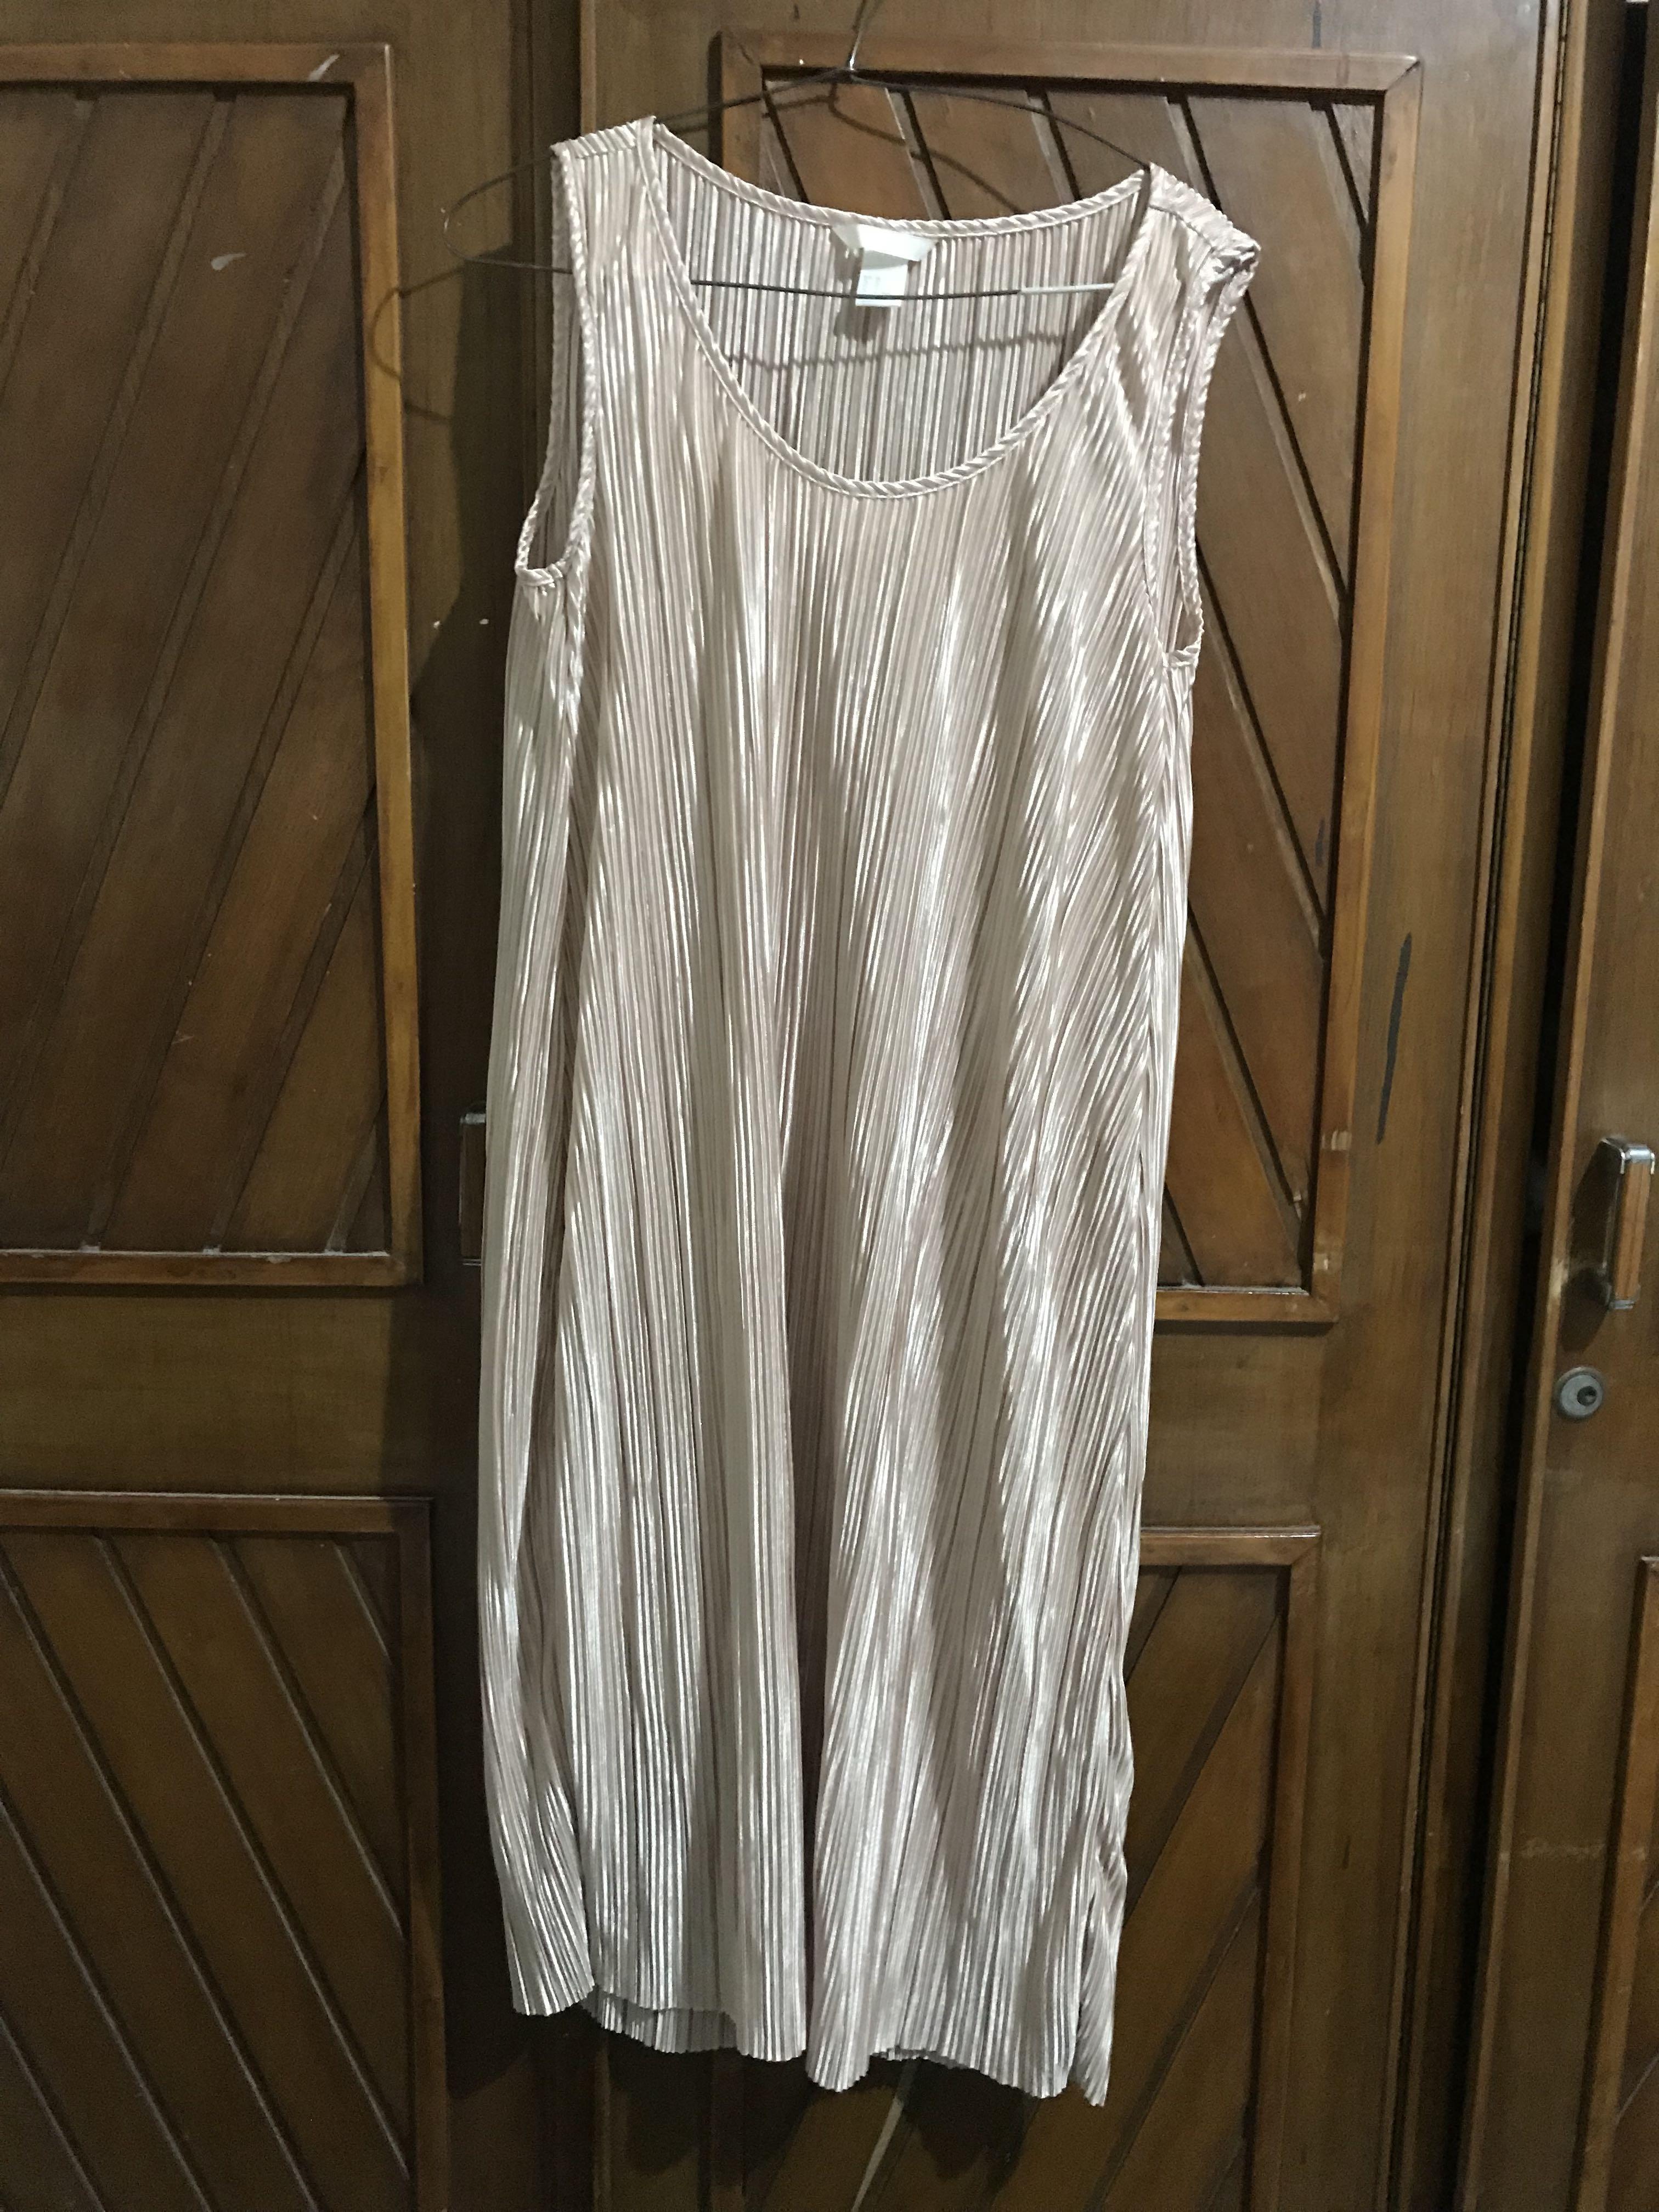 Dress H M Rosegold Fesyen Wanita Pakaian Wanita Gaun Rok Di Carousell